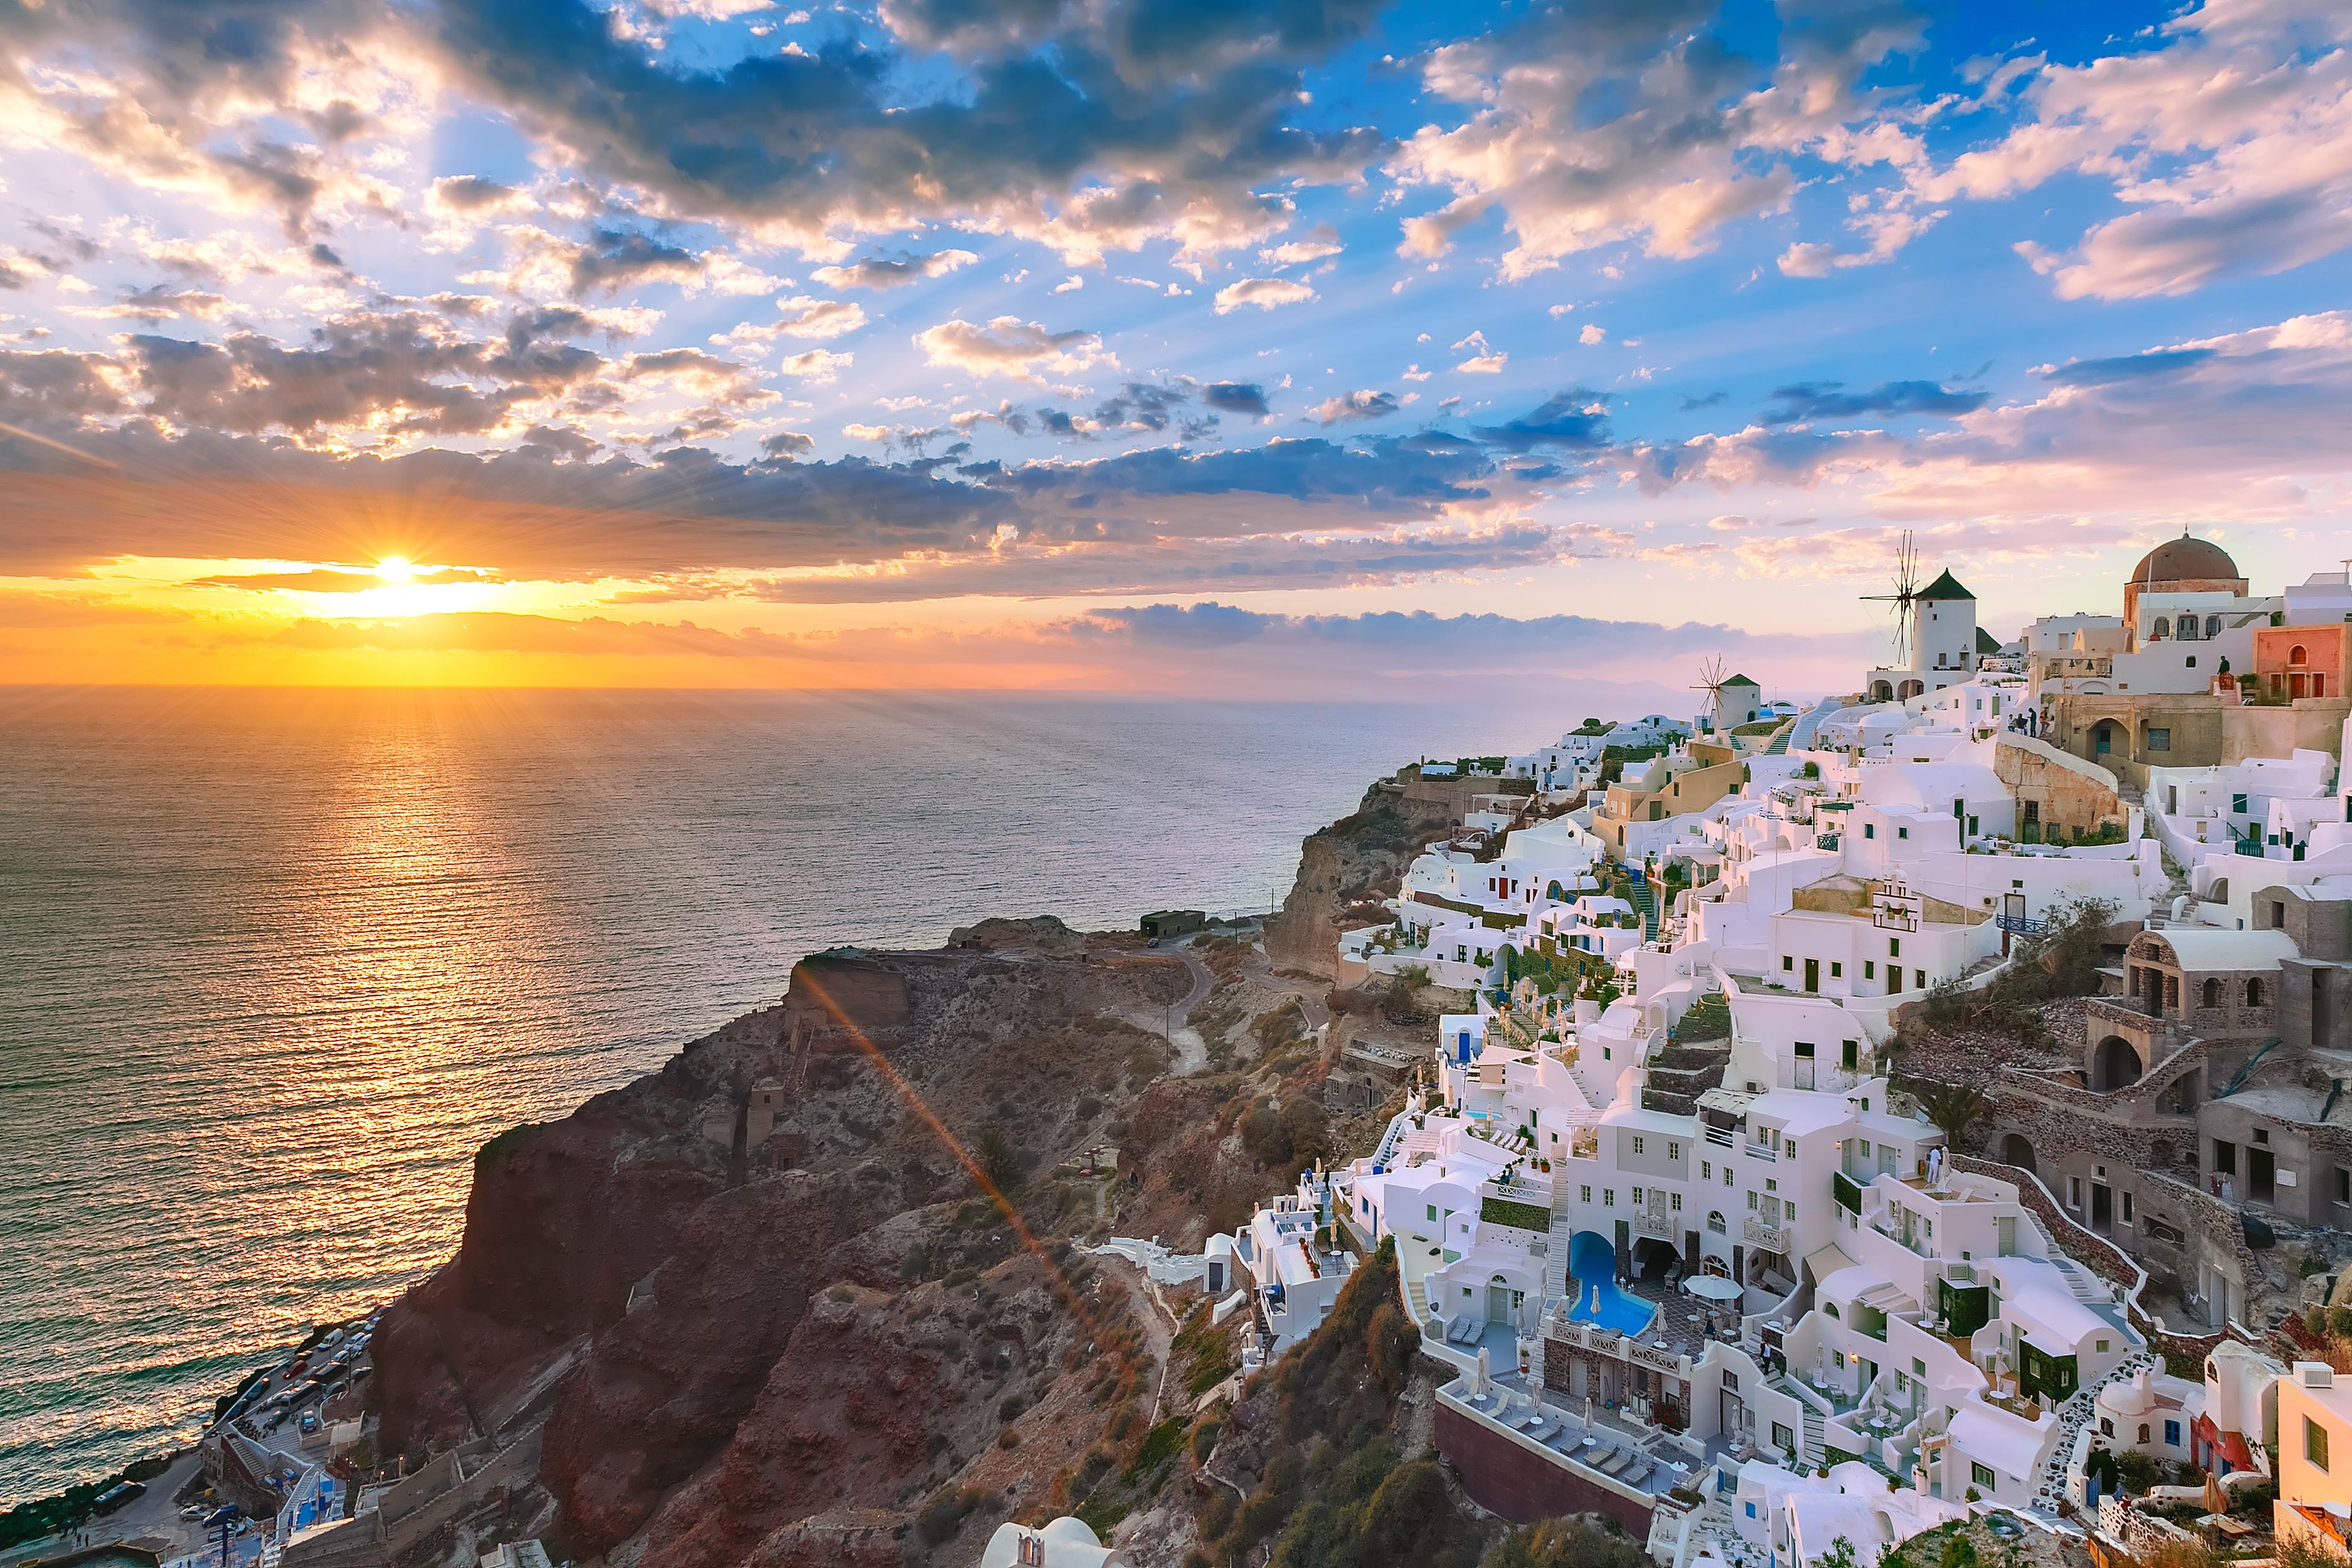 ¿Quieres conocer la esencia de Santorini? Oia te la enseña - Grecia Circuito Grecia Milenaria y Santorini